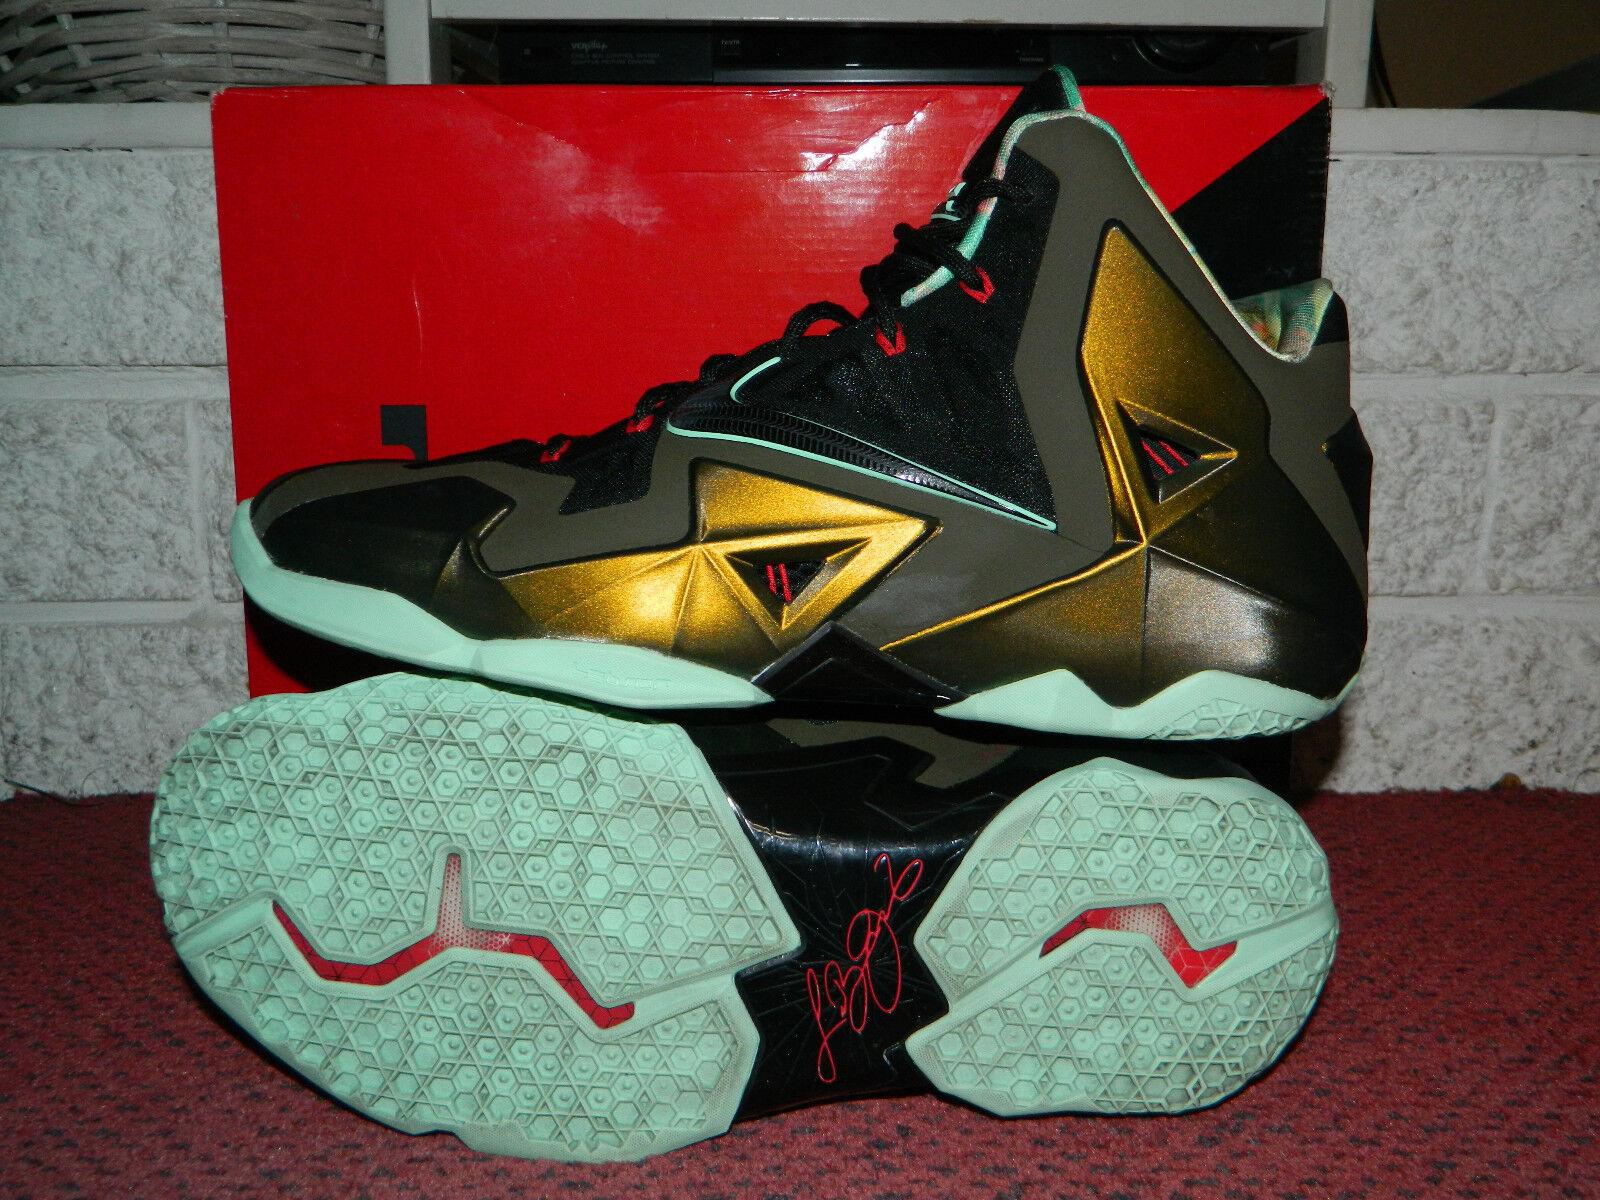 Hombre nike LeBron 11 limitada XI Reyes orgullo edicion limitada 11 616175-700 comodos zapatos casuales zapatos de salvajes b10f92